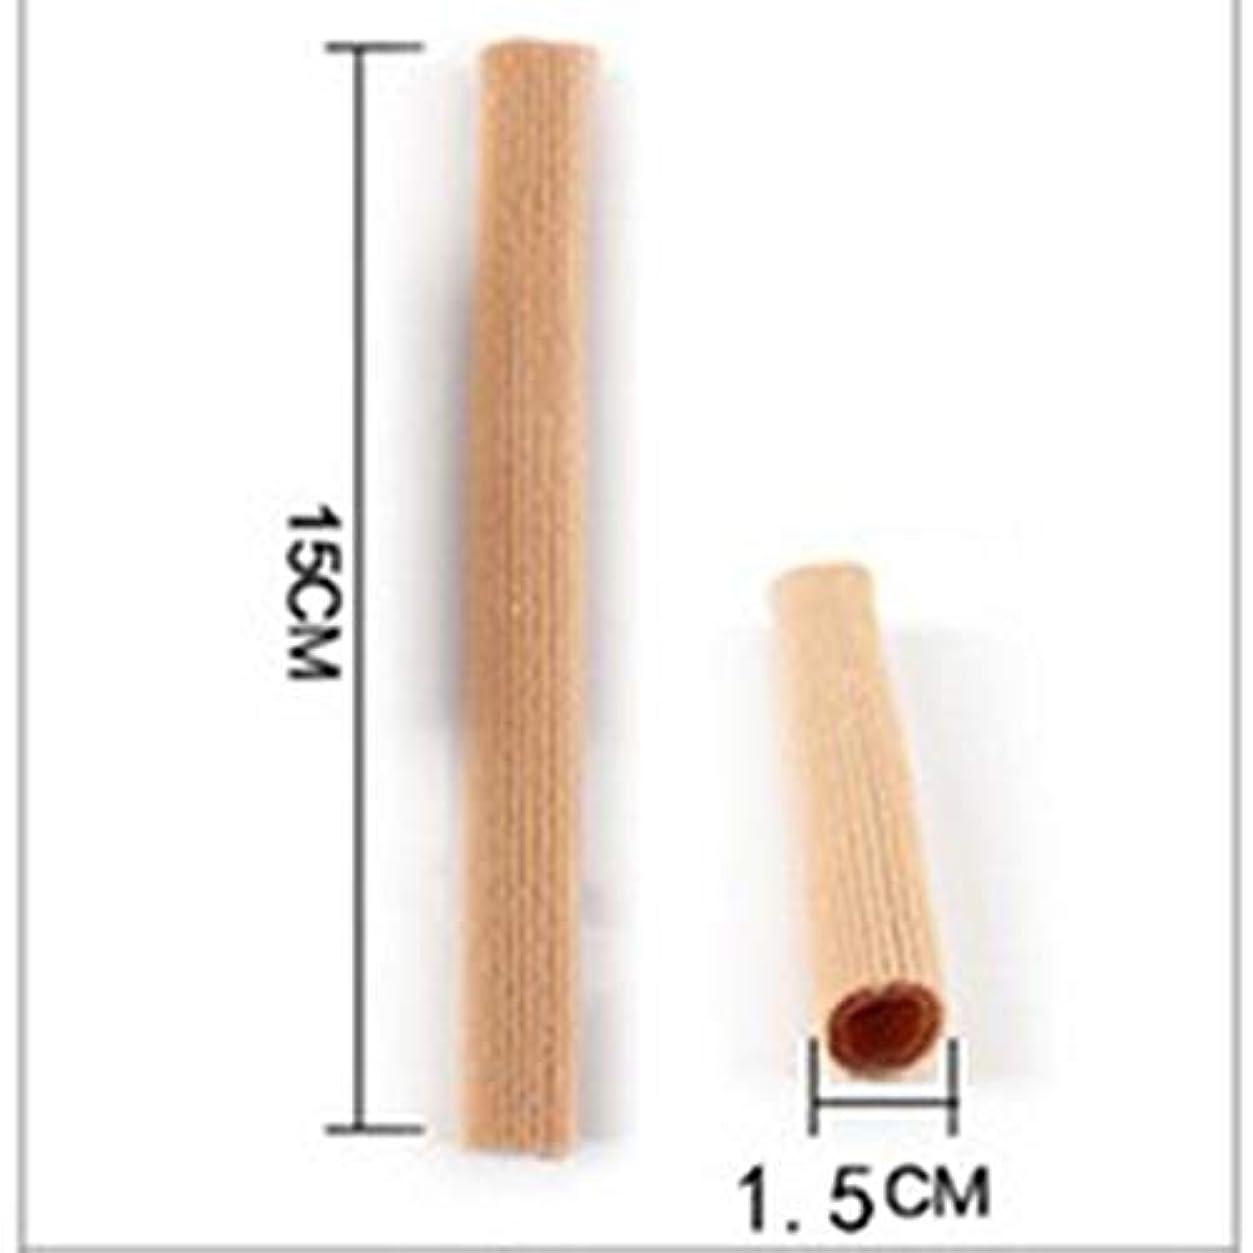 強いジャンル器具Open Toe Tubes Gel Lined Fabric Sleeve Protectors To Prevent Corns, Calluses And Blisters While Softening And...